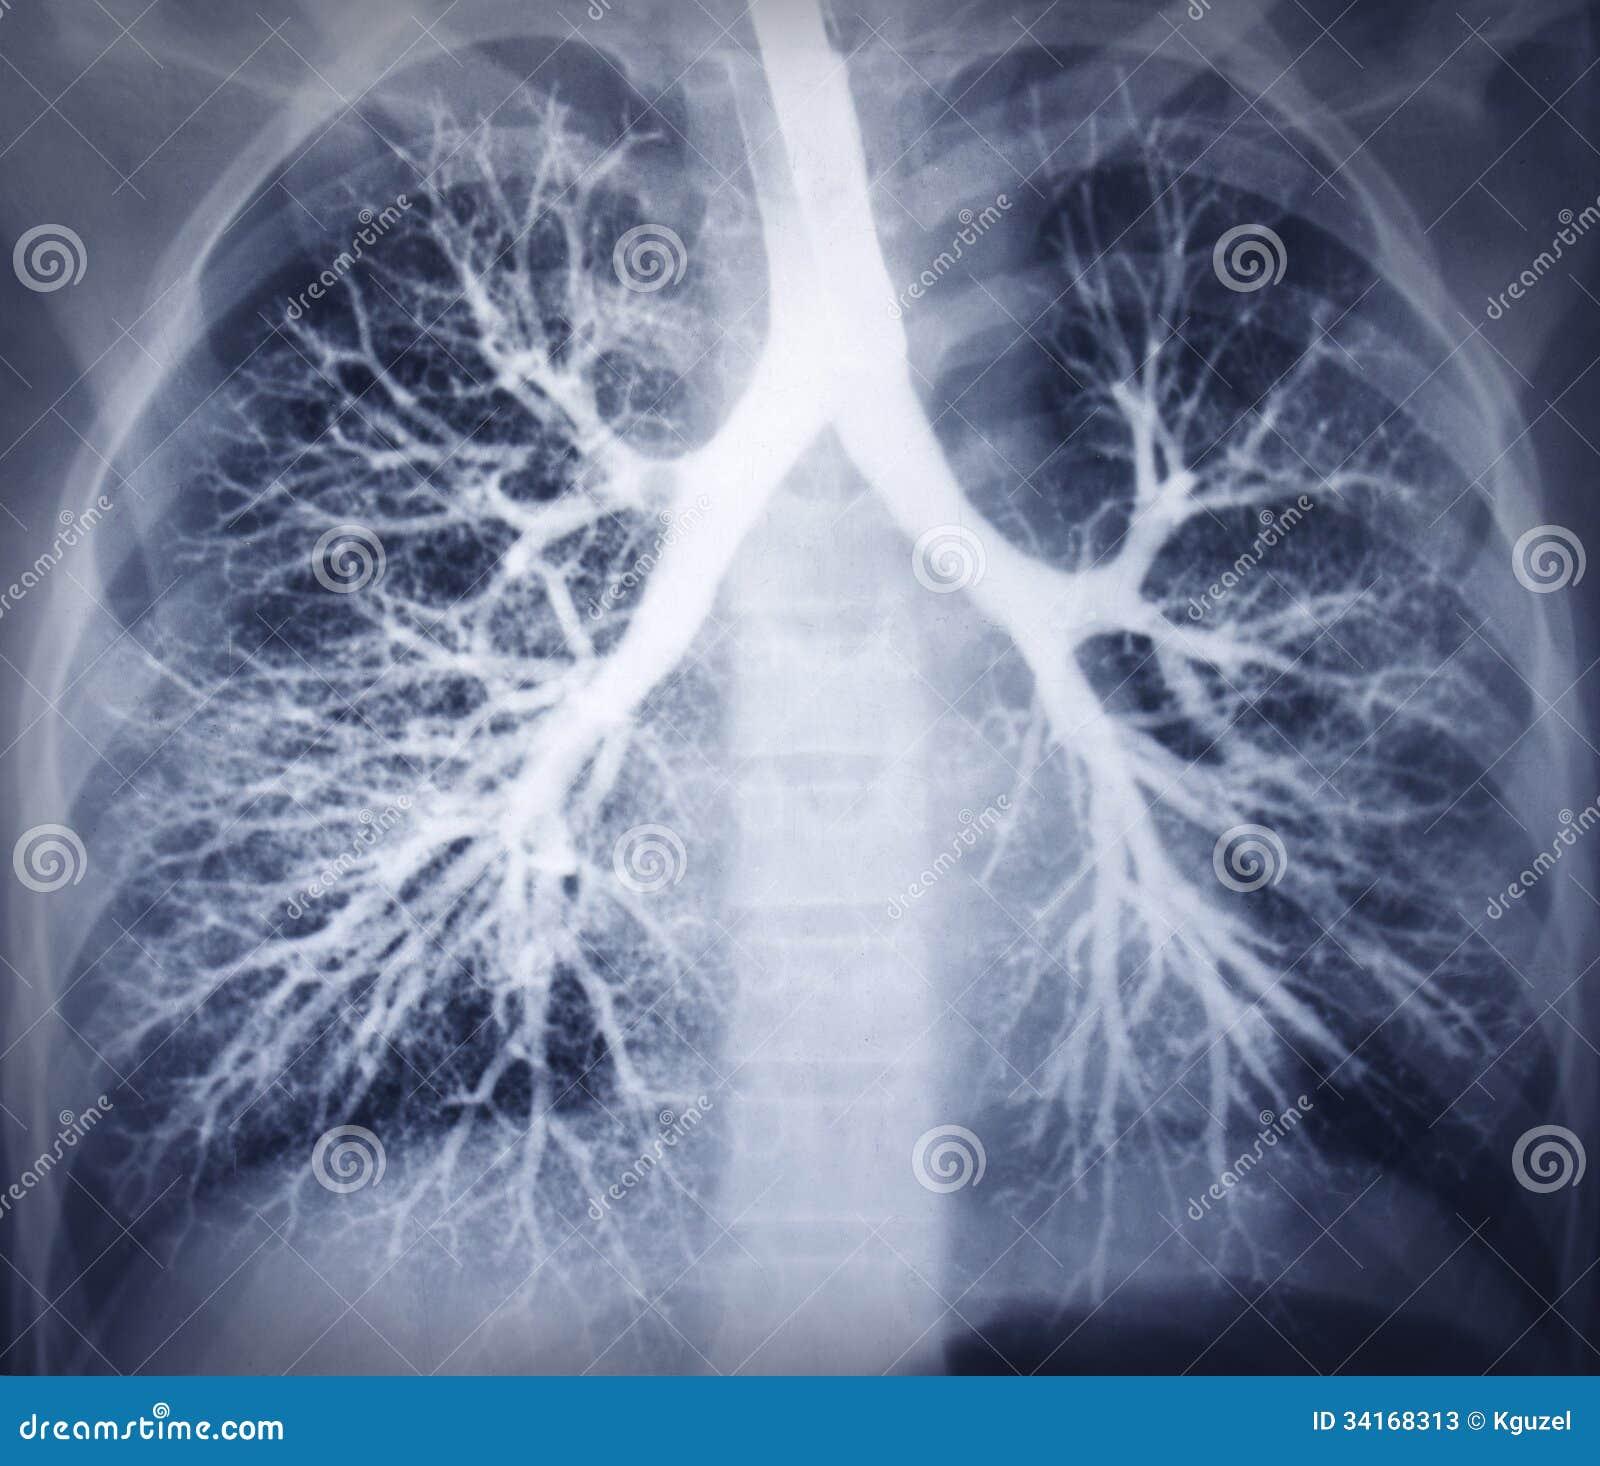 支气管镜检查图象。胸部X光。健康肺